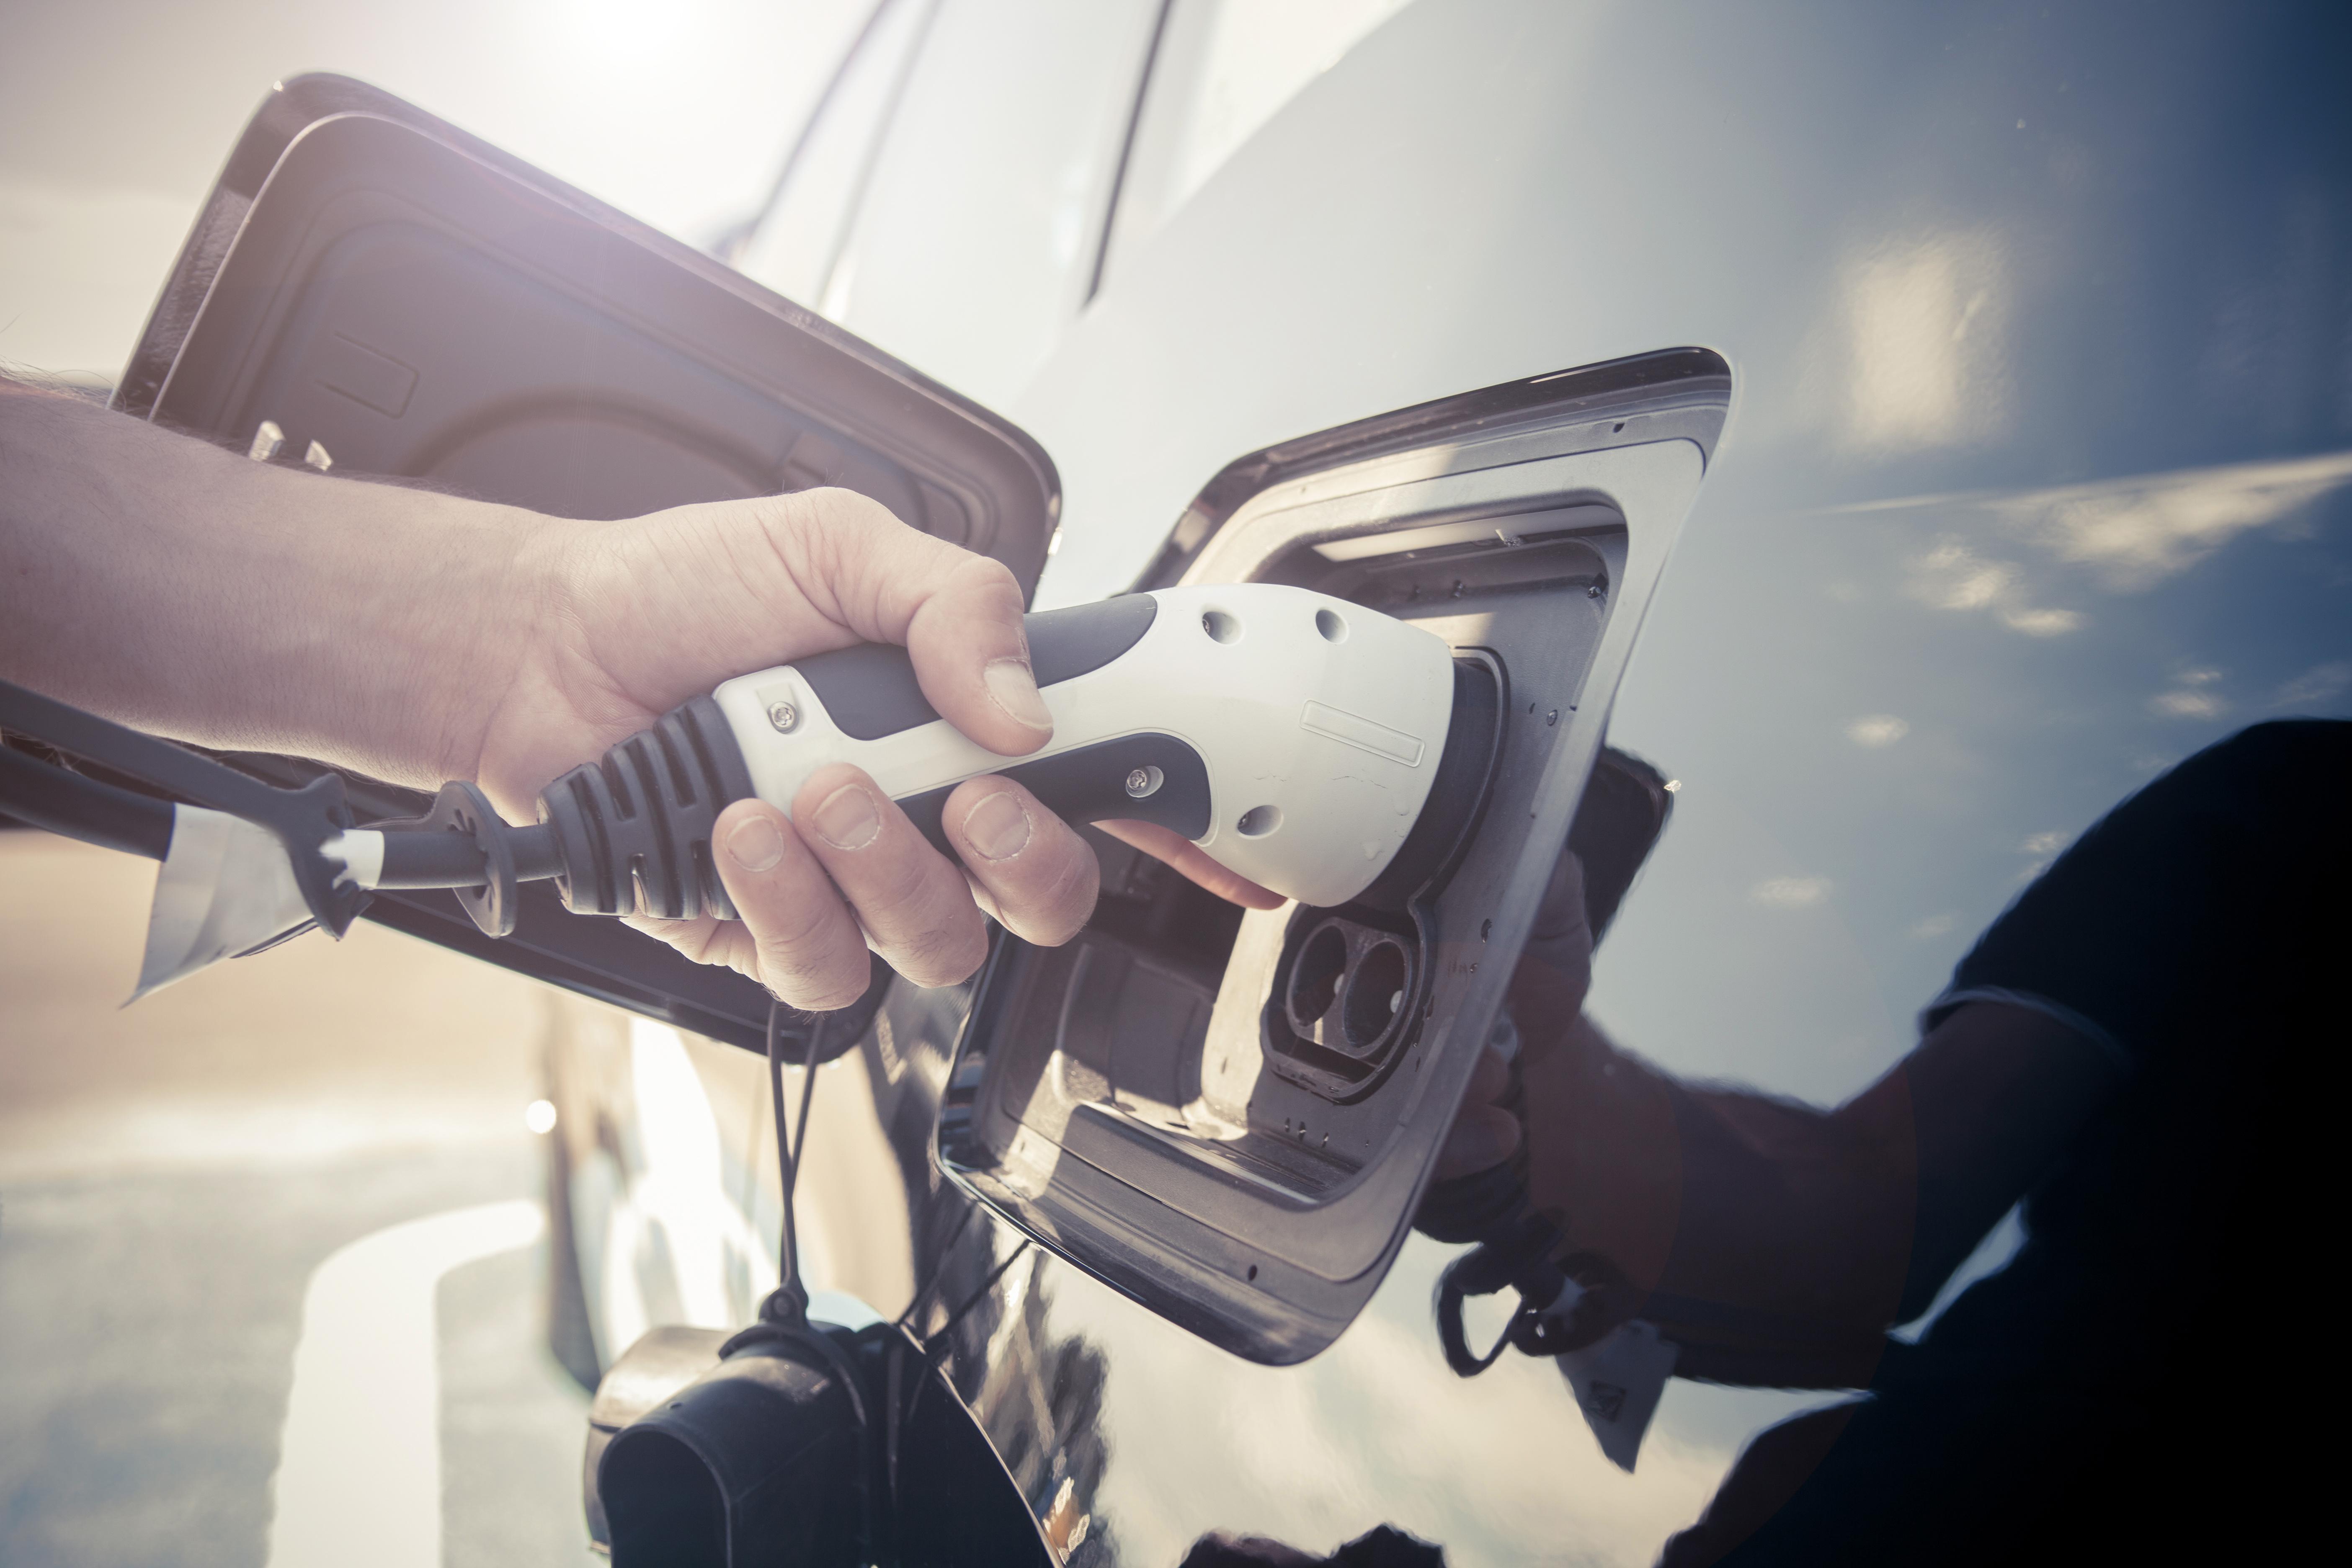 Comment l'Etat apporte-t-il son soutien au développement du véhicule électrique?